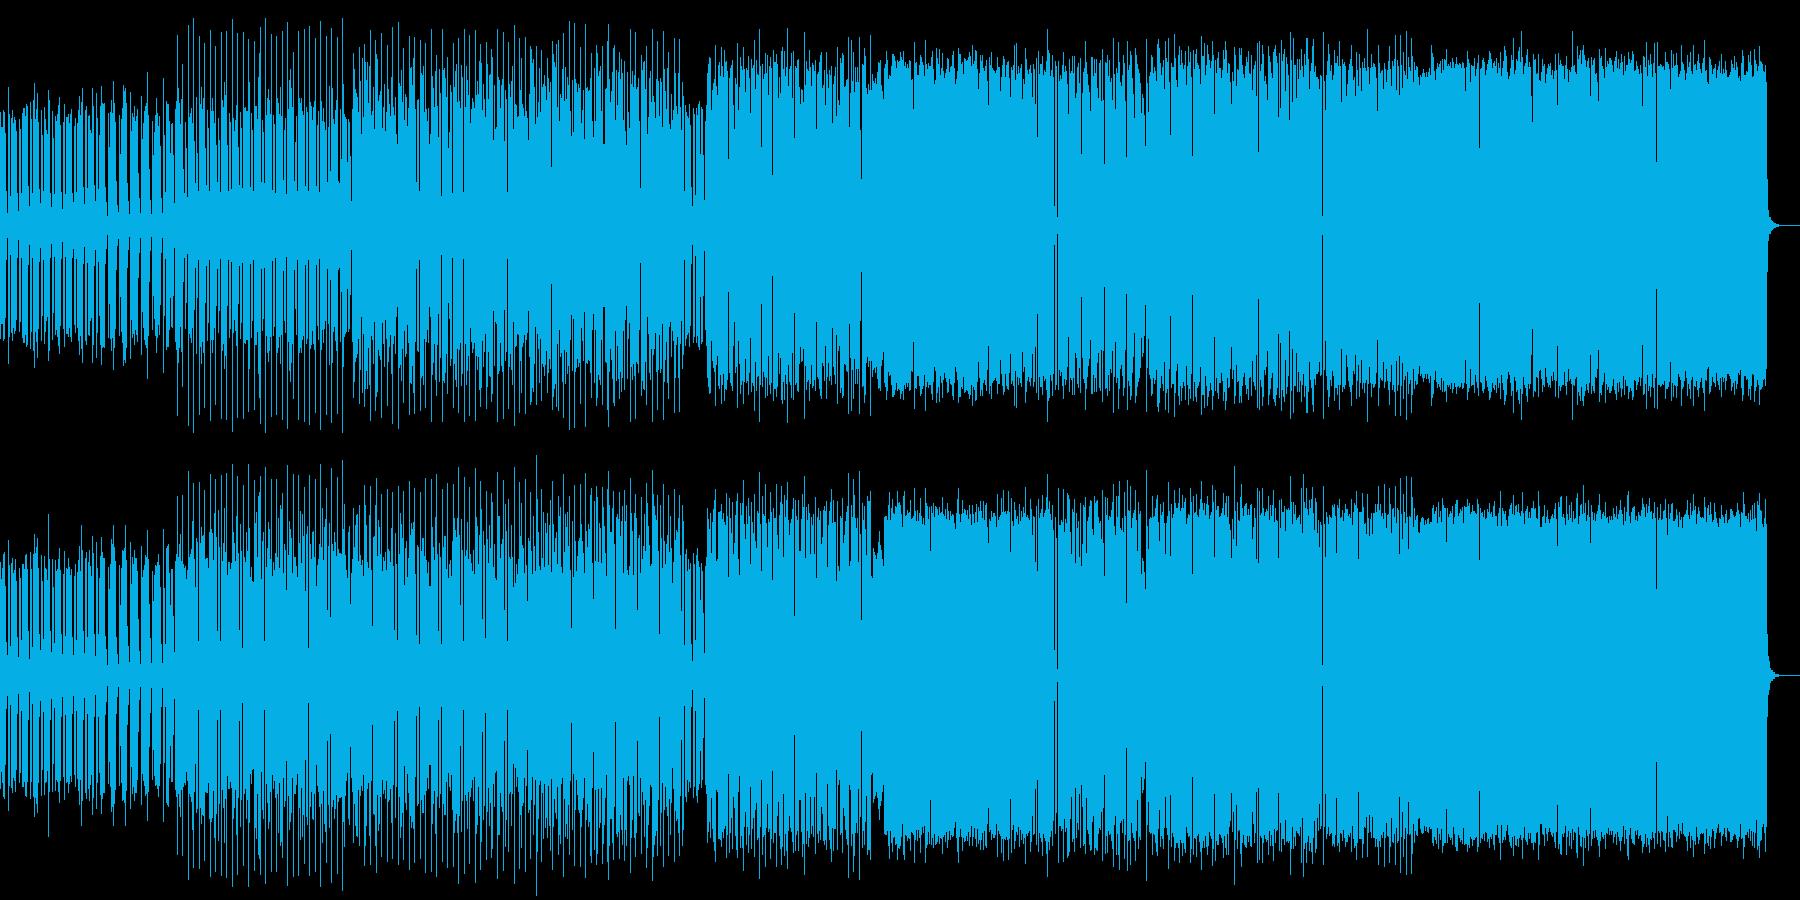 電子音ミニマルの再生済みの波形